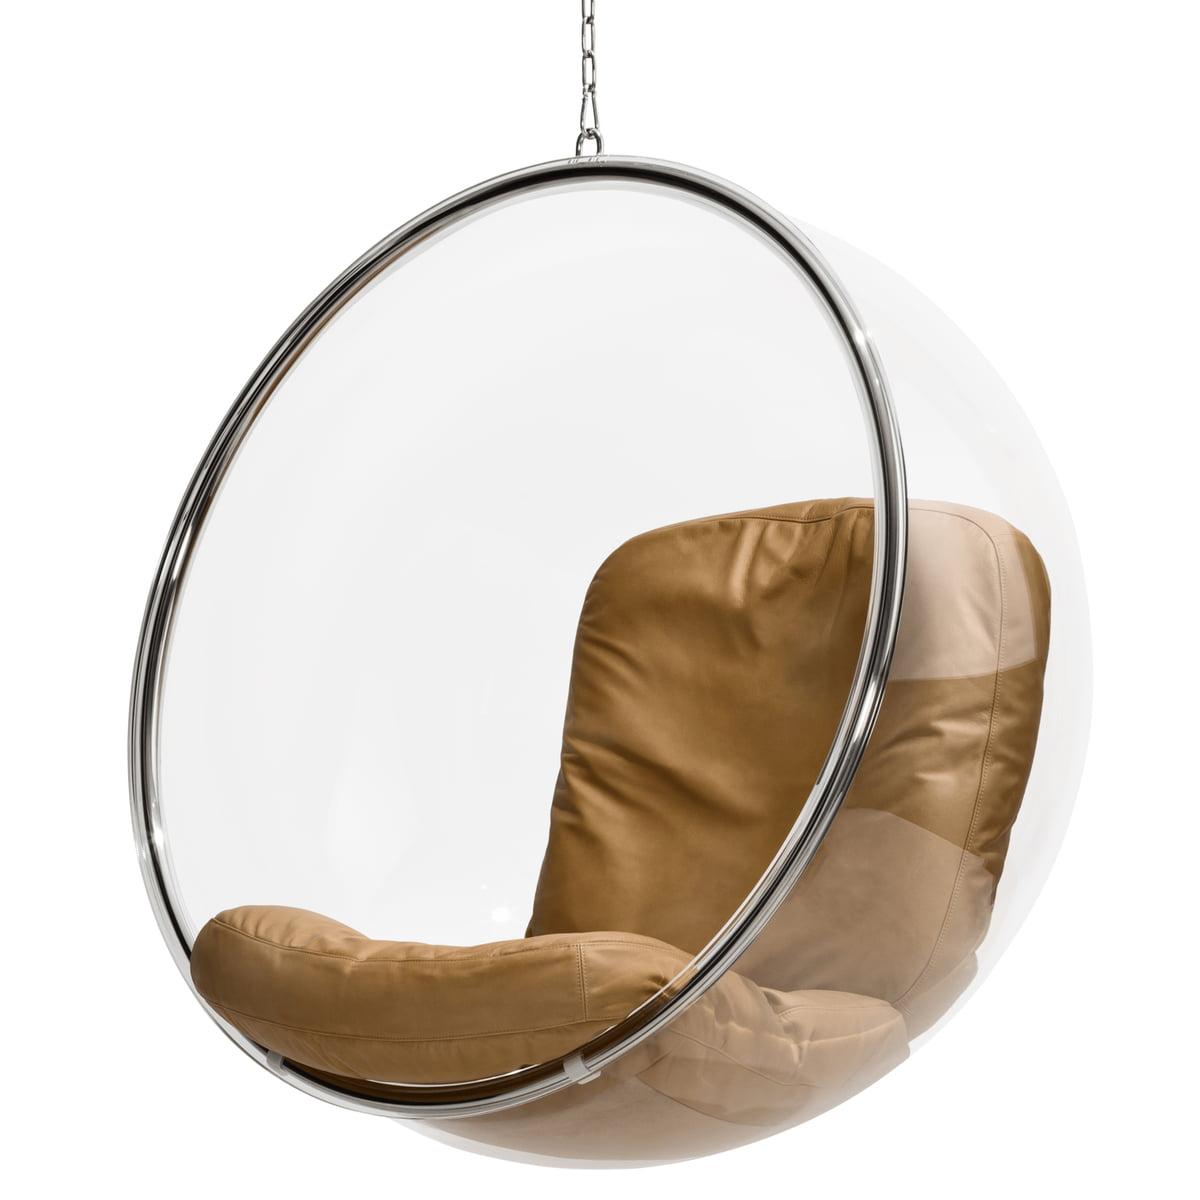 bubble chair by eero aarnio originals. Black Bedroom Furniture Sets. Home Design Ideas